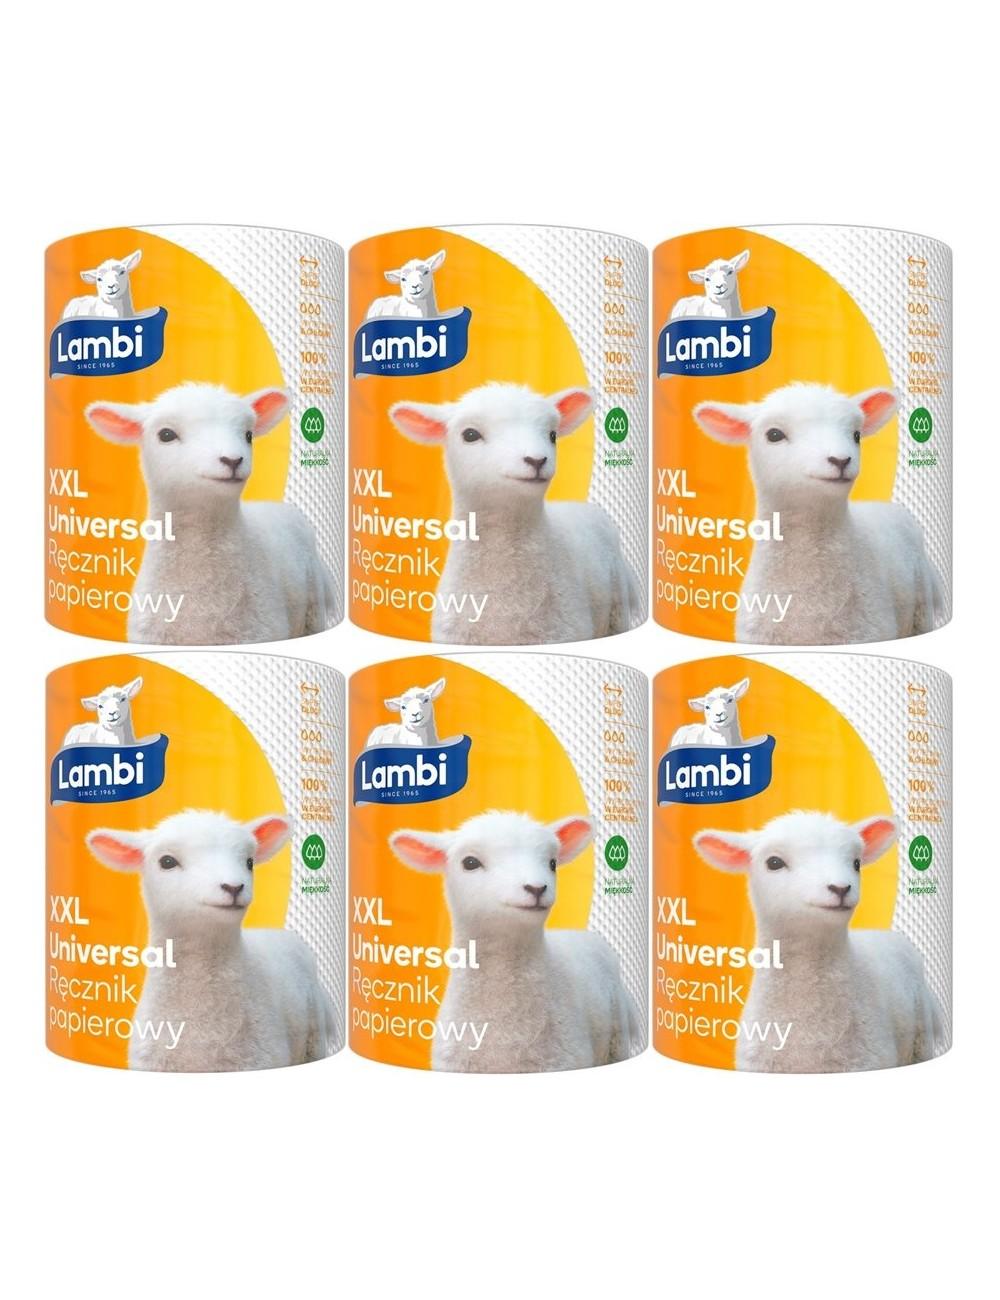 Lambi Ręcznik Papierowy 2-Warstwowy Celuloza Uniwersalny XXL Zestaw (6 rolek)